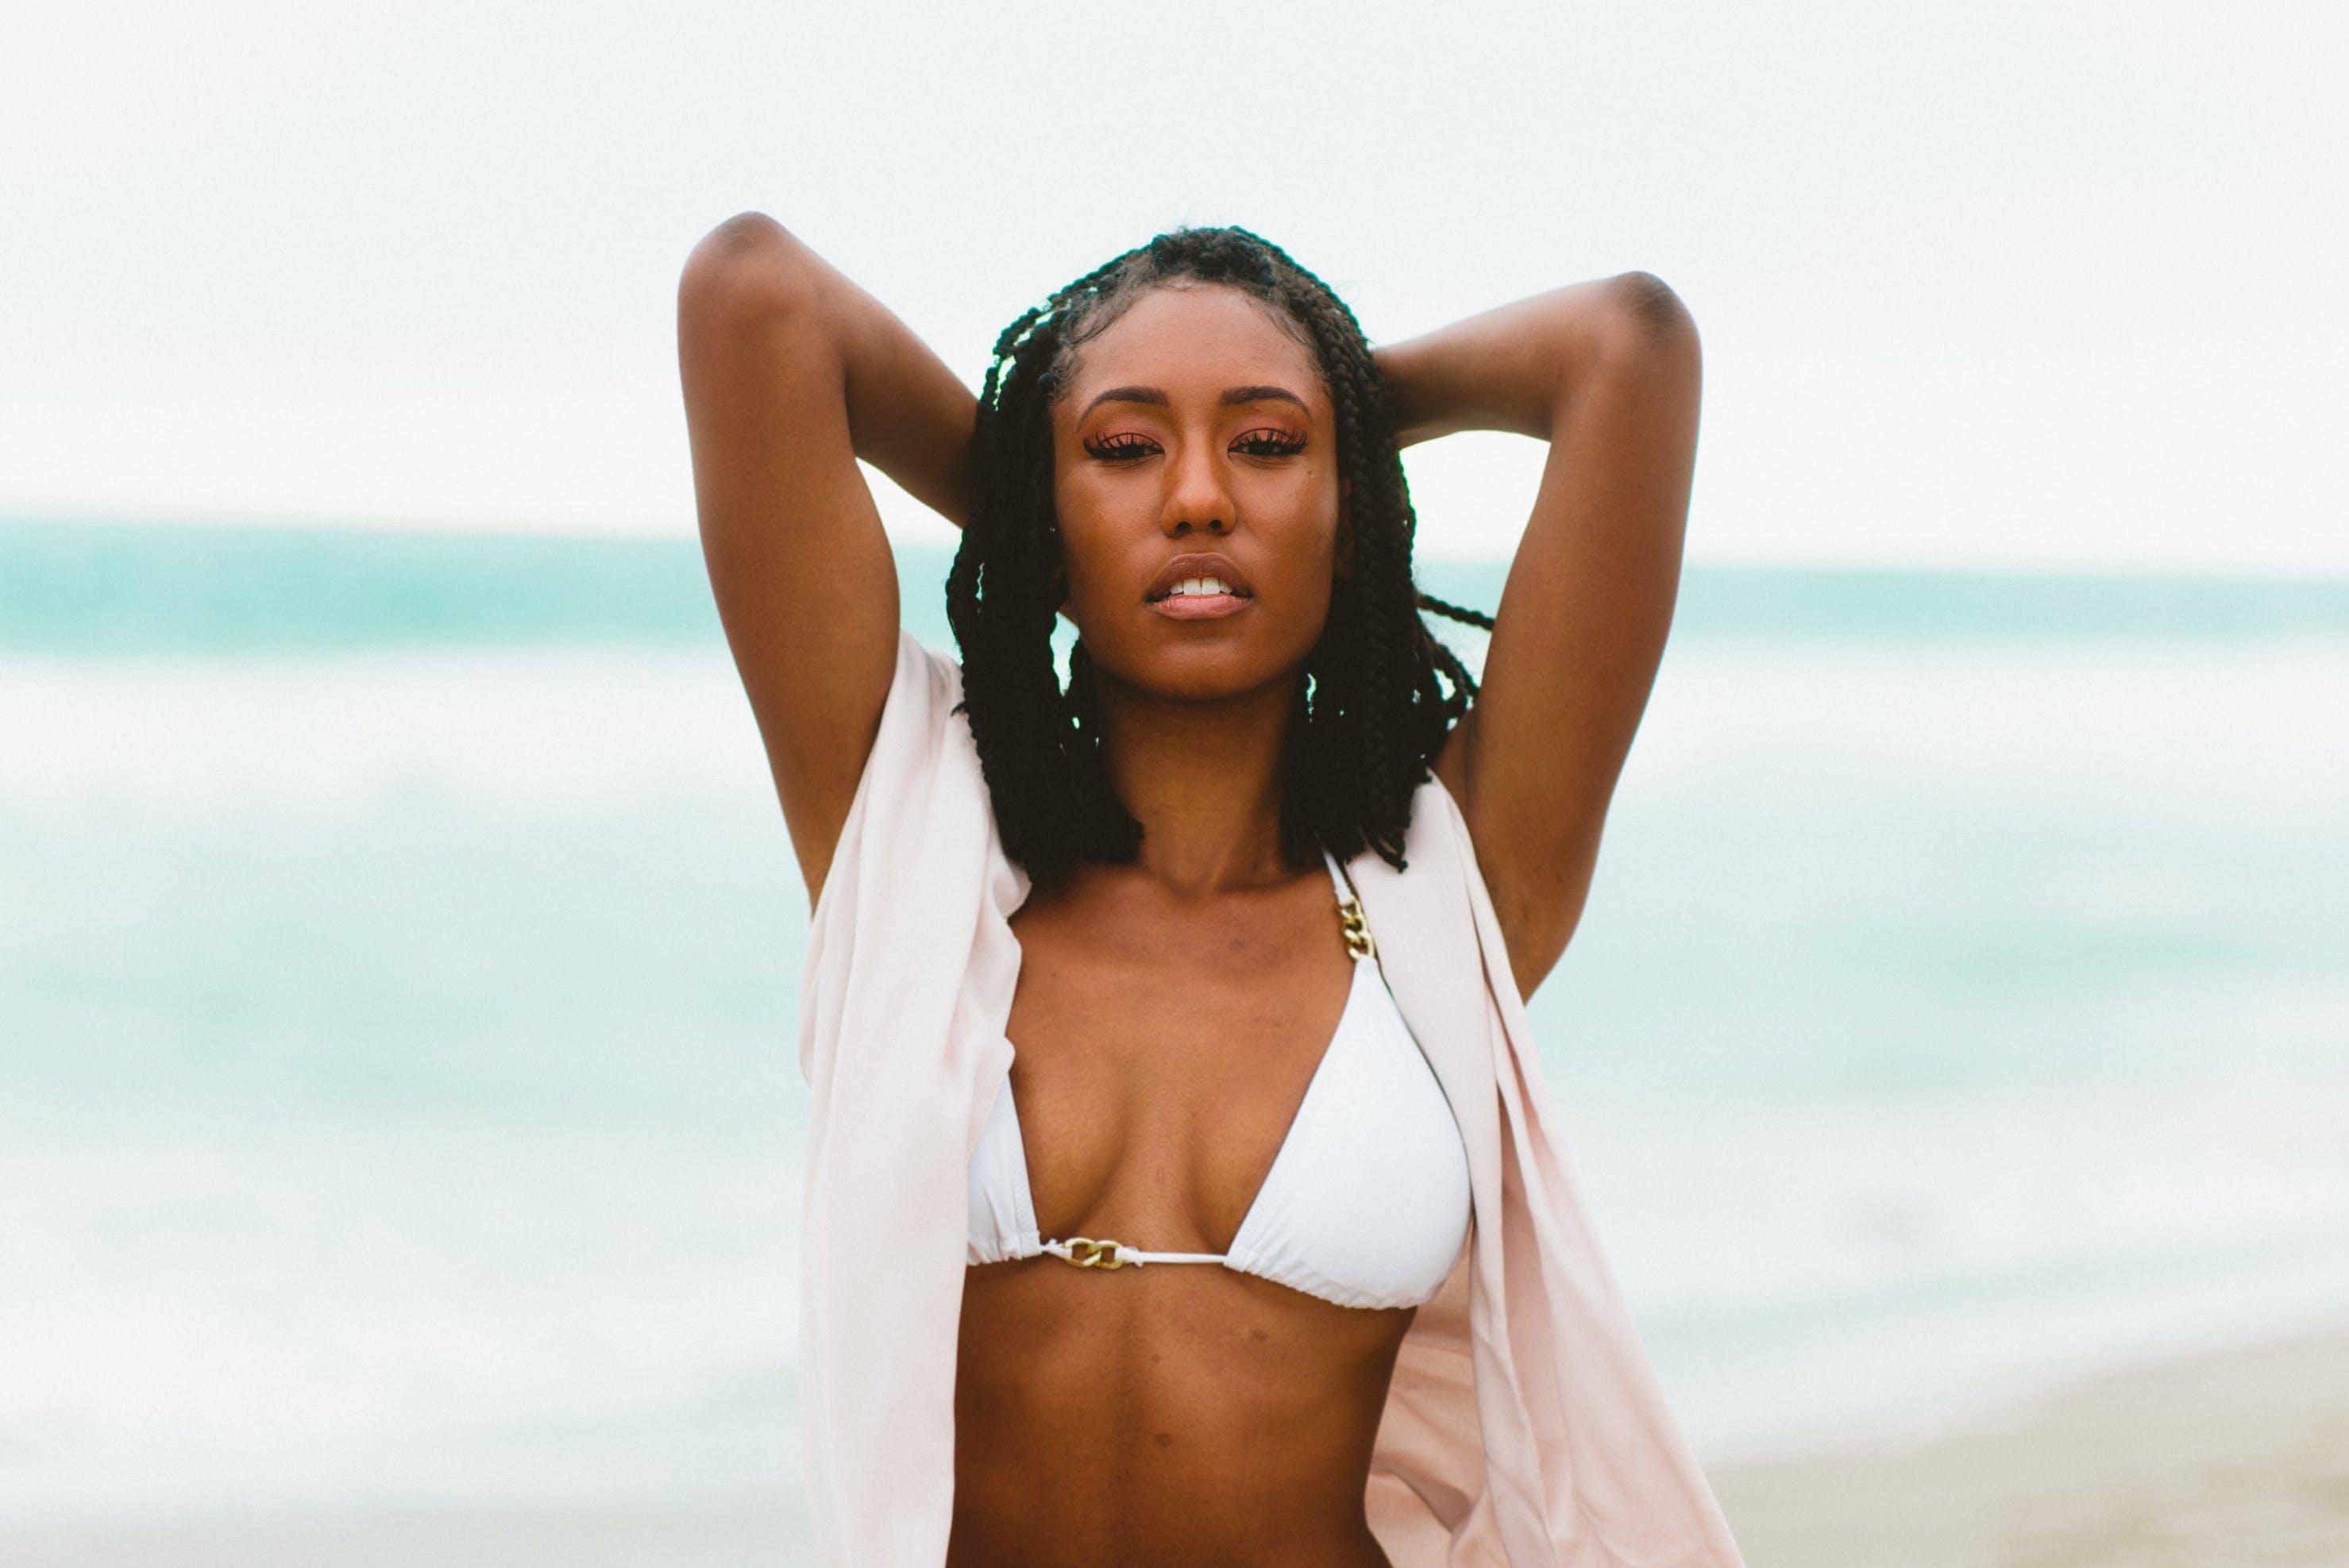 Woman Wearing Bikini on Sea Shore